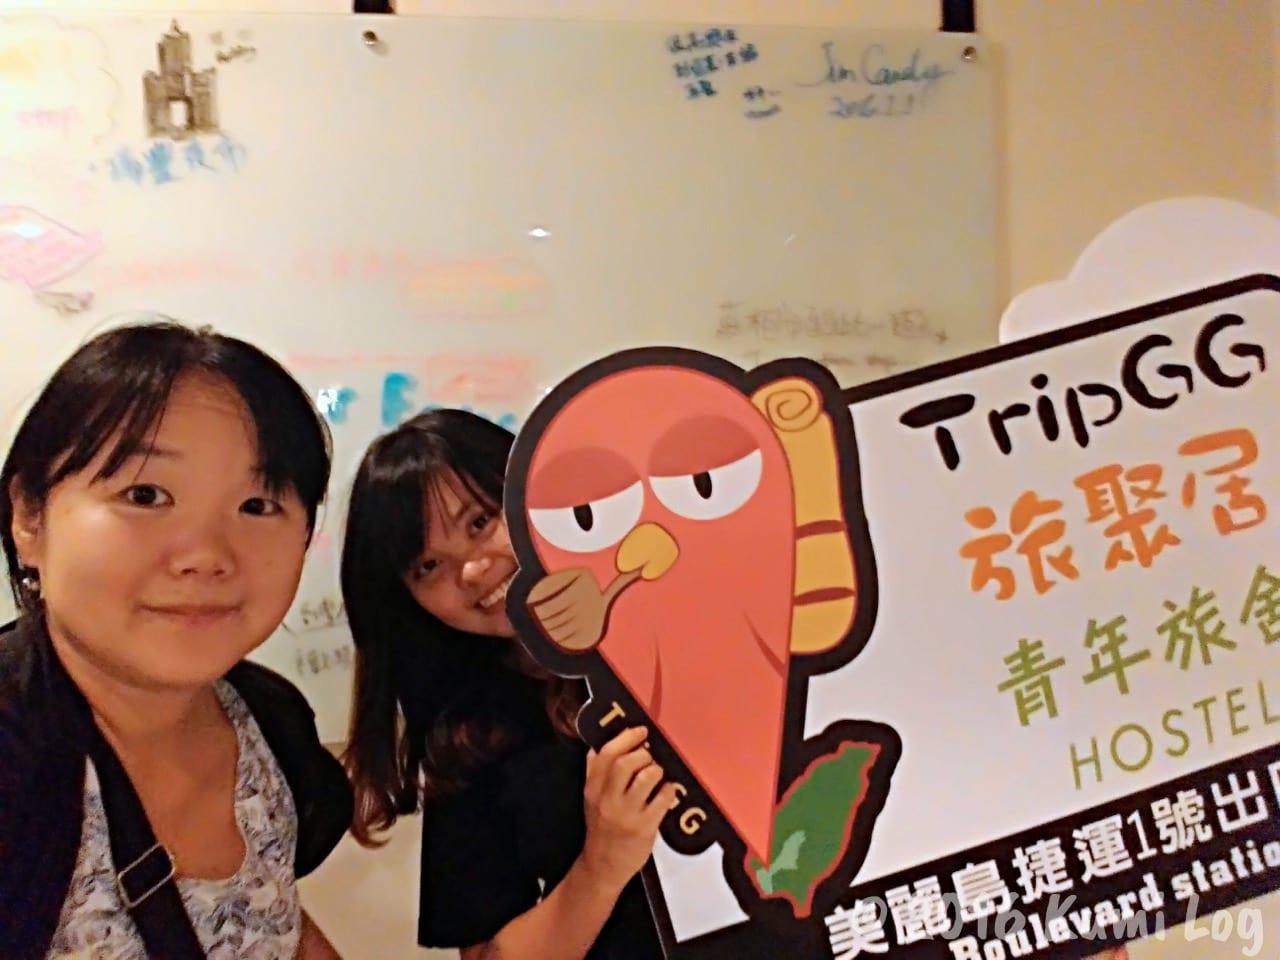 [高雄・宿]居心地の良さが印象的なTripGG Hostelに泊まってきました・TripGG Hostel(前編)